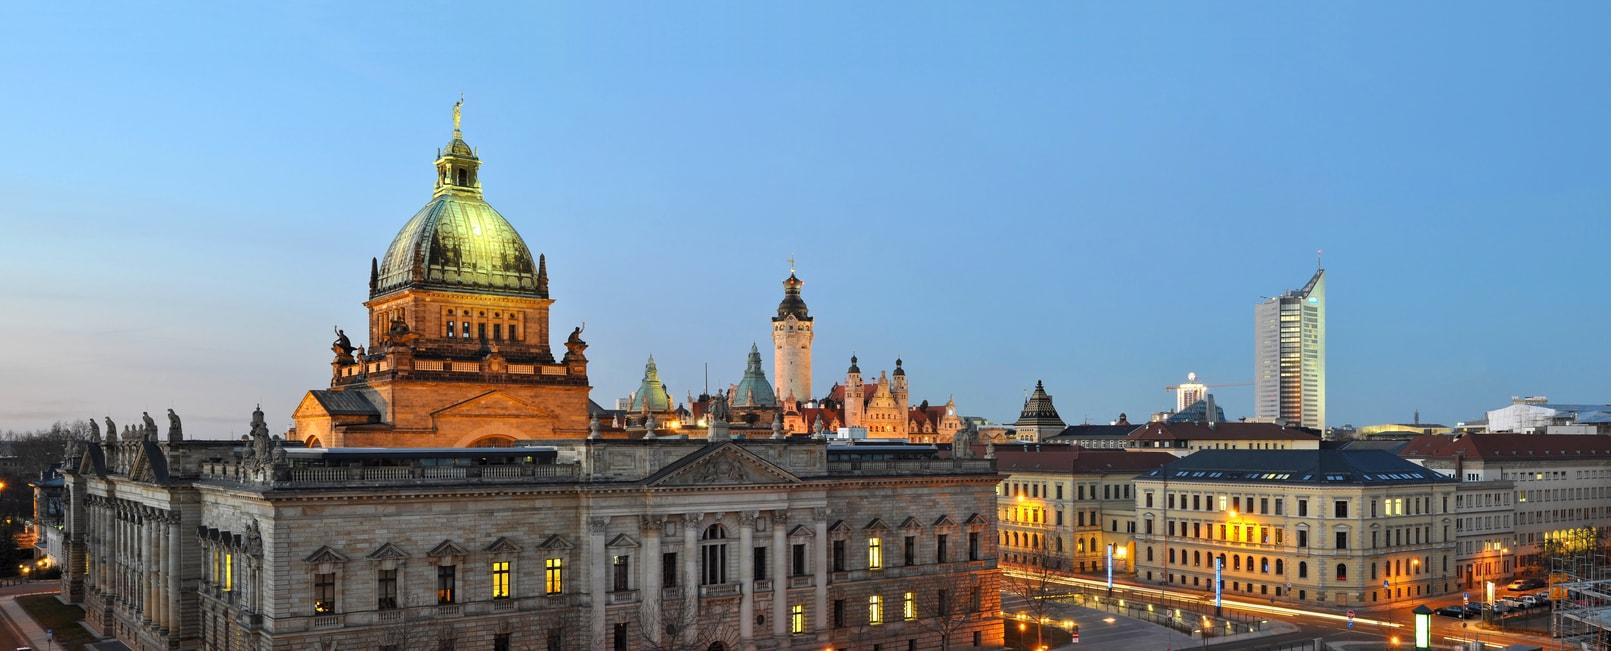 Leipzig otelleri nerede kalınır